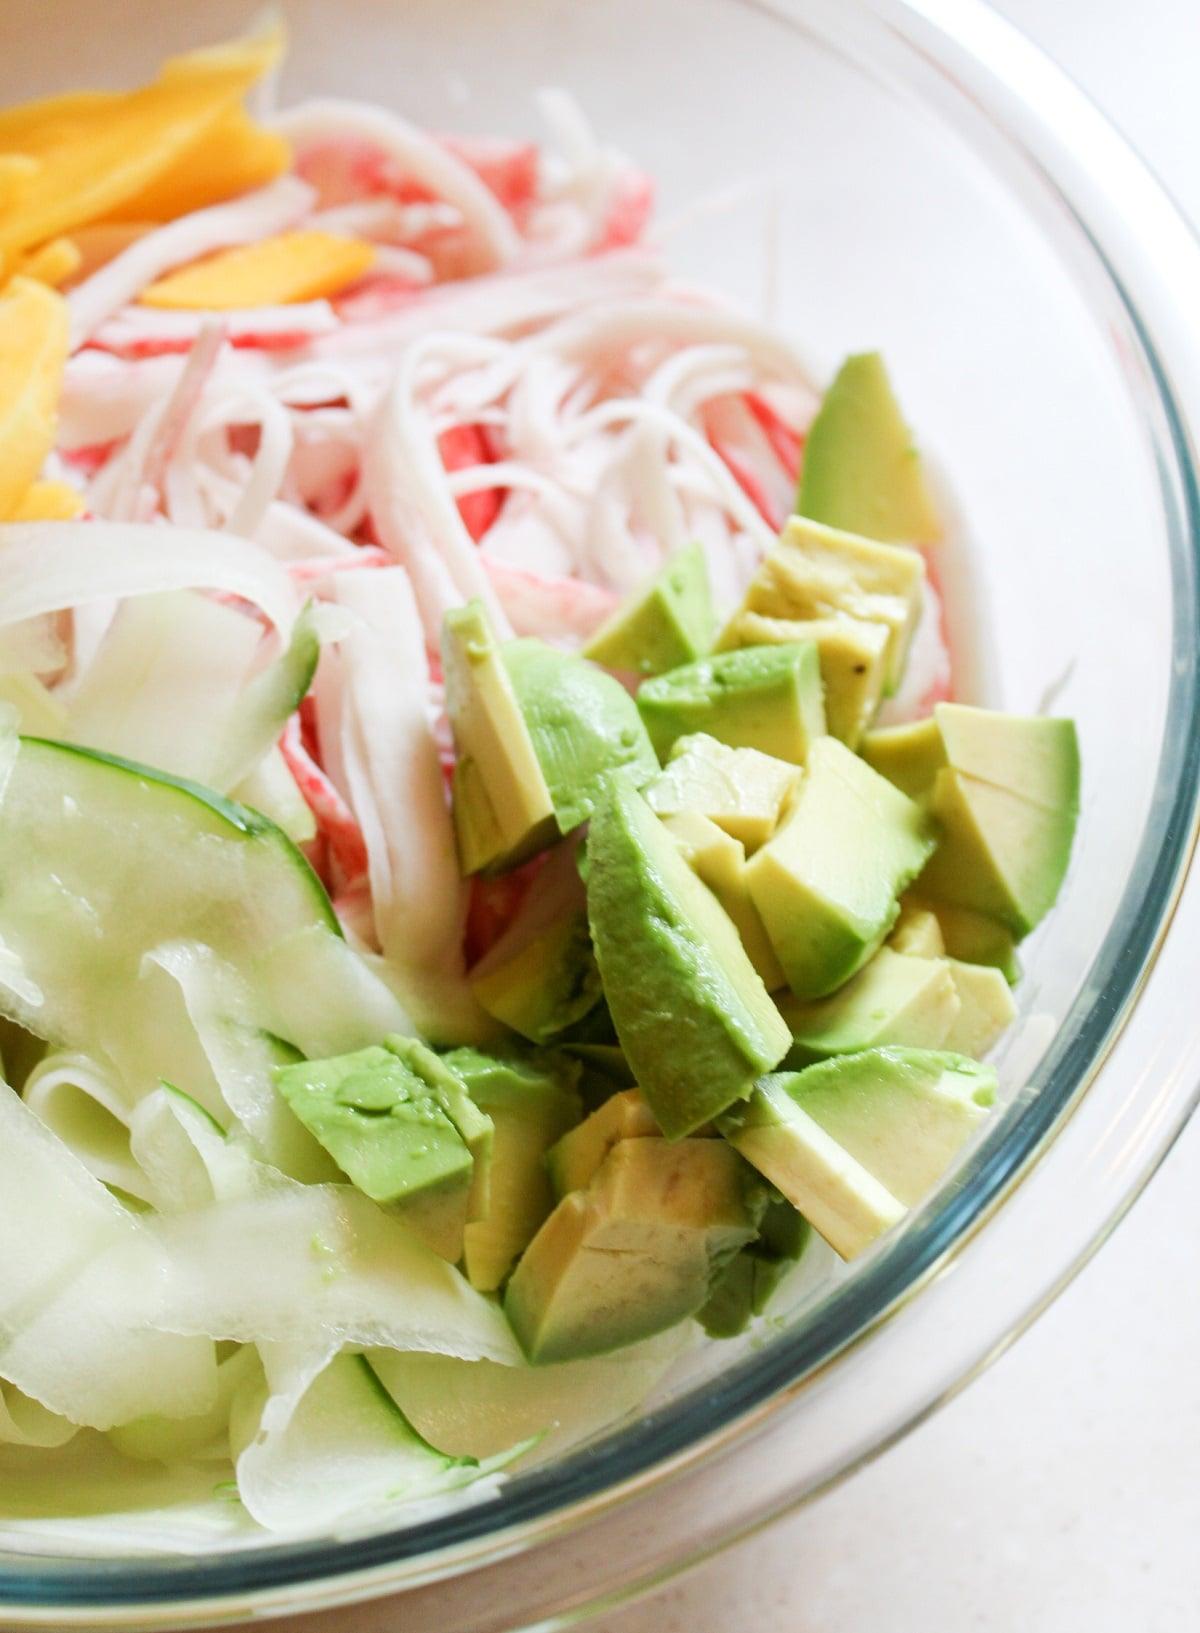 diced avocado in bowl